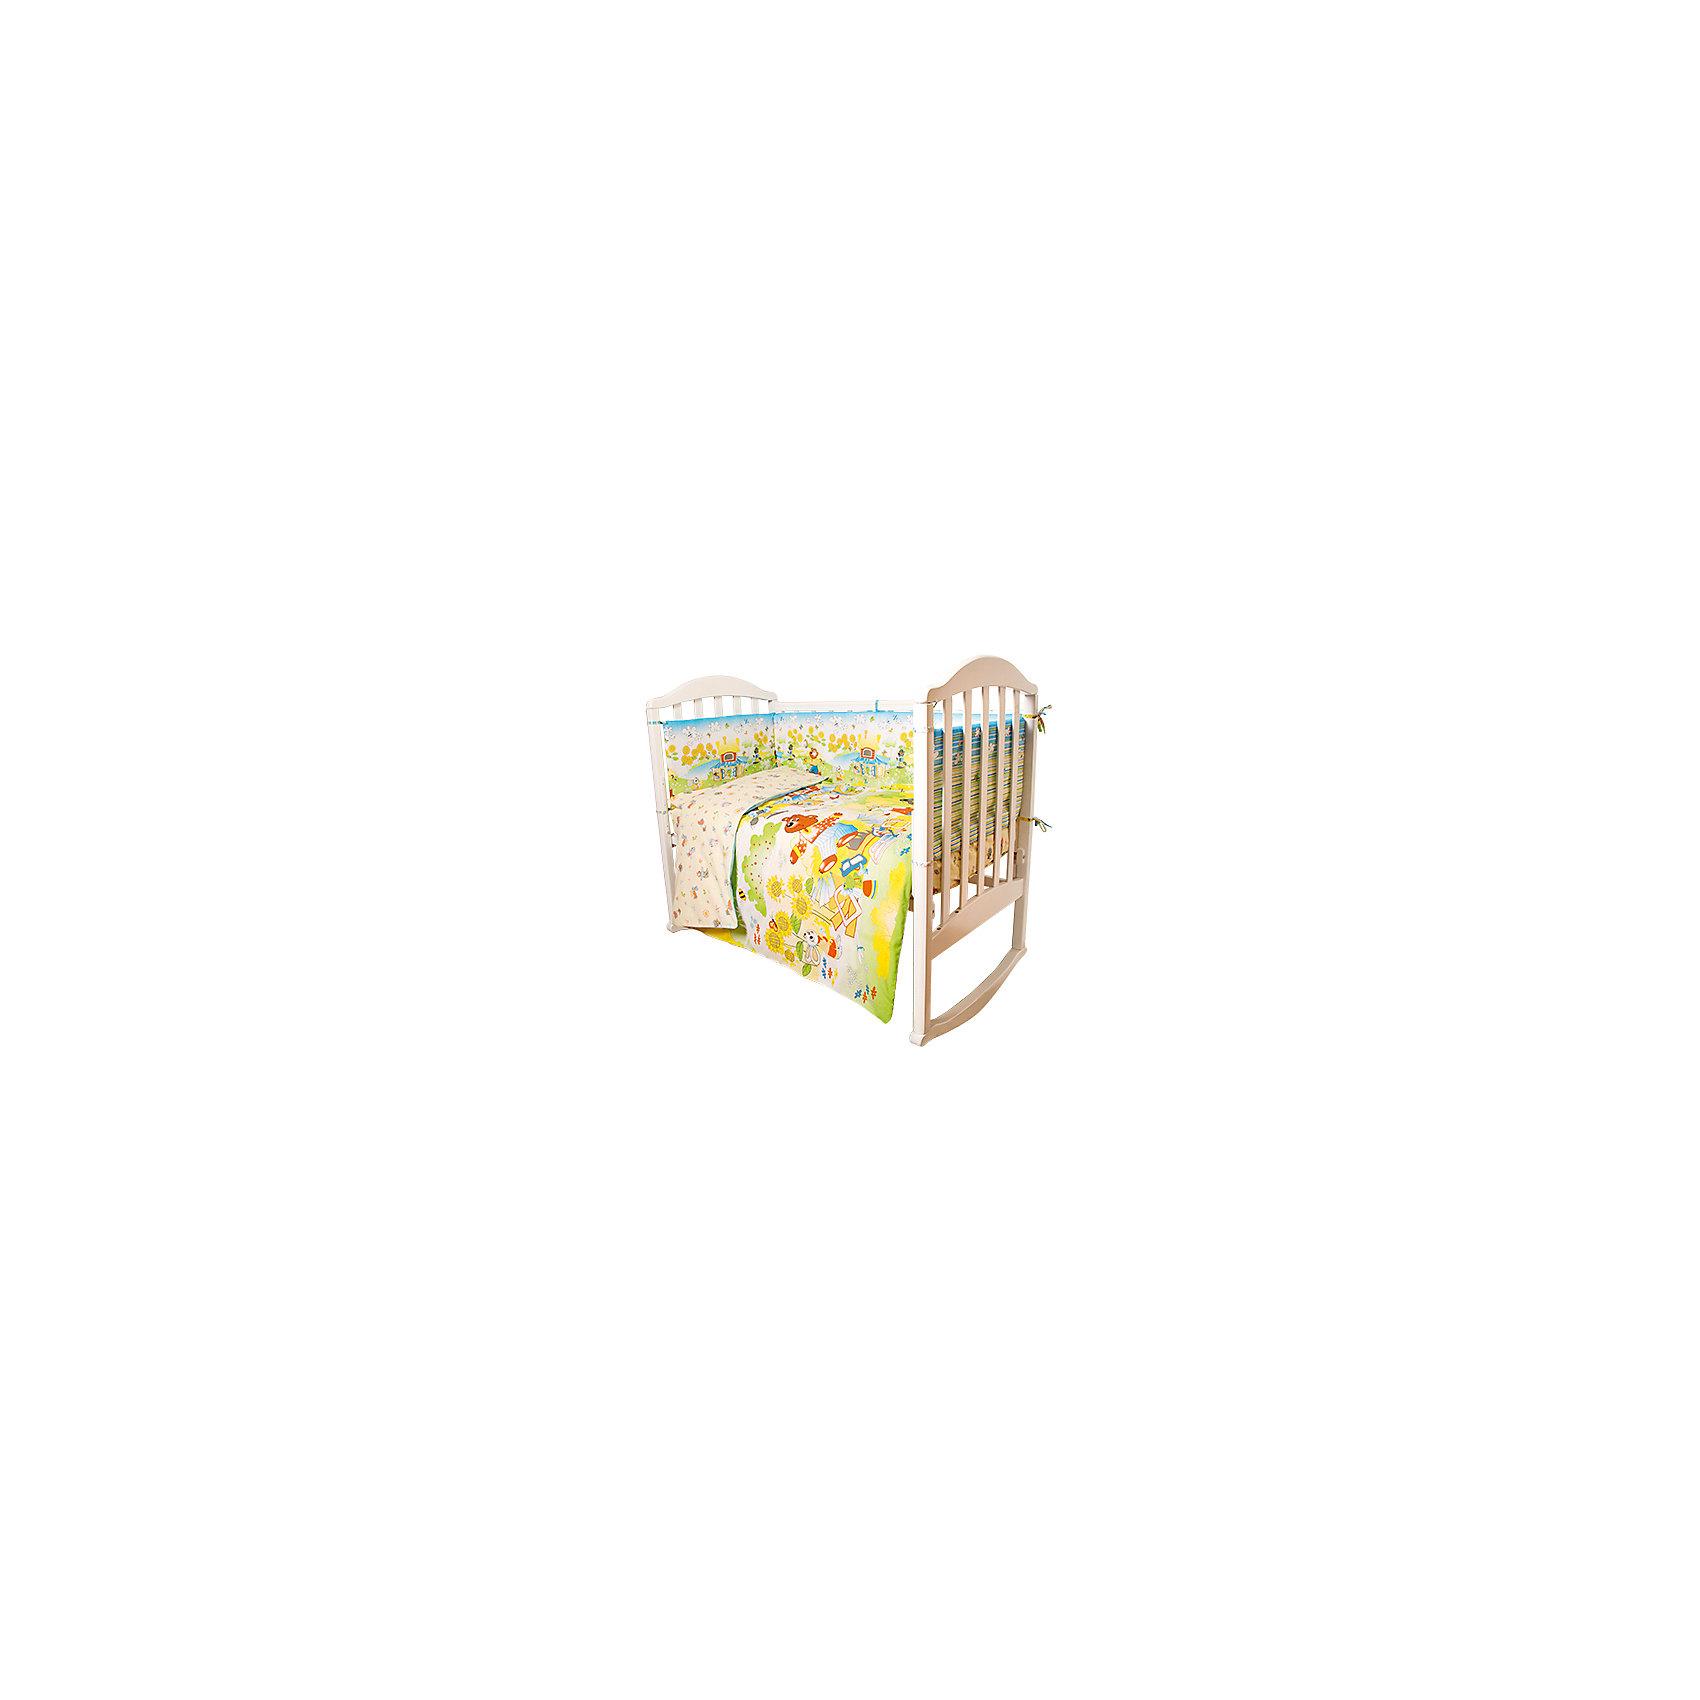 Постельное белье Теремок Сказки 6 пред., Baby Nice, желтый6 предметов<br>Малыши требуют особой заботы. Постельное белье для них должно быть качественным и безопасным. Этот комплект обеспечит малышу комфорт и тепло в кроватке. Он украшен симпатичным принтом.<br>Набор сшит из натуральной дышащего материала - хлопка, мягкого и приятного на ощупь. Она не вызывает аллергии, что особенно важно для малышей. Также материал обеспечит хорошую терморегуляцию. Комплект сделан из высококачественных материалов, безопасных для ребенка.<br><br>Дополнительная информация:<br><br>цвет: желтый;<br>материал: 100% хлопок, наполнитель - файбер;<br>комплектация: простыня 112 х 147 см, пододеяльник 112 х 147 см, наволочка 40 х 60, борт( 120х35-2 шт., 60х35-2 шт.), одеяло 110 х 140 см, подушка 40 х 60 см.;<br>принт.<br><br>Постельное белье Теремок Сказки 6 пред., от компании Baby Nice можно купить в нашем магазине.<br><br>Ширина мм: 250<br>Глубина мм: 600<br>Высота мм: 450<br>Вес г: 1200<br>Возраст от месяцев: 0<br>Возраст до месяцев: 36<br>Пол: Унисекс<br>Возраст: Детский<br>SKU: 4941795